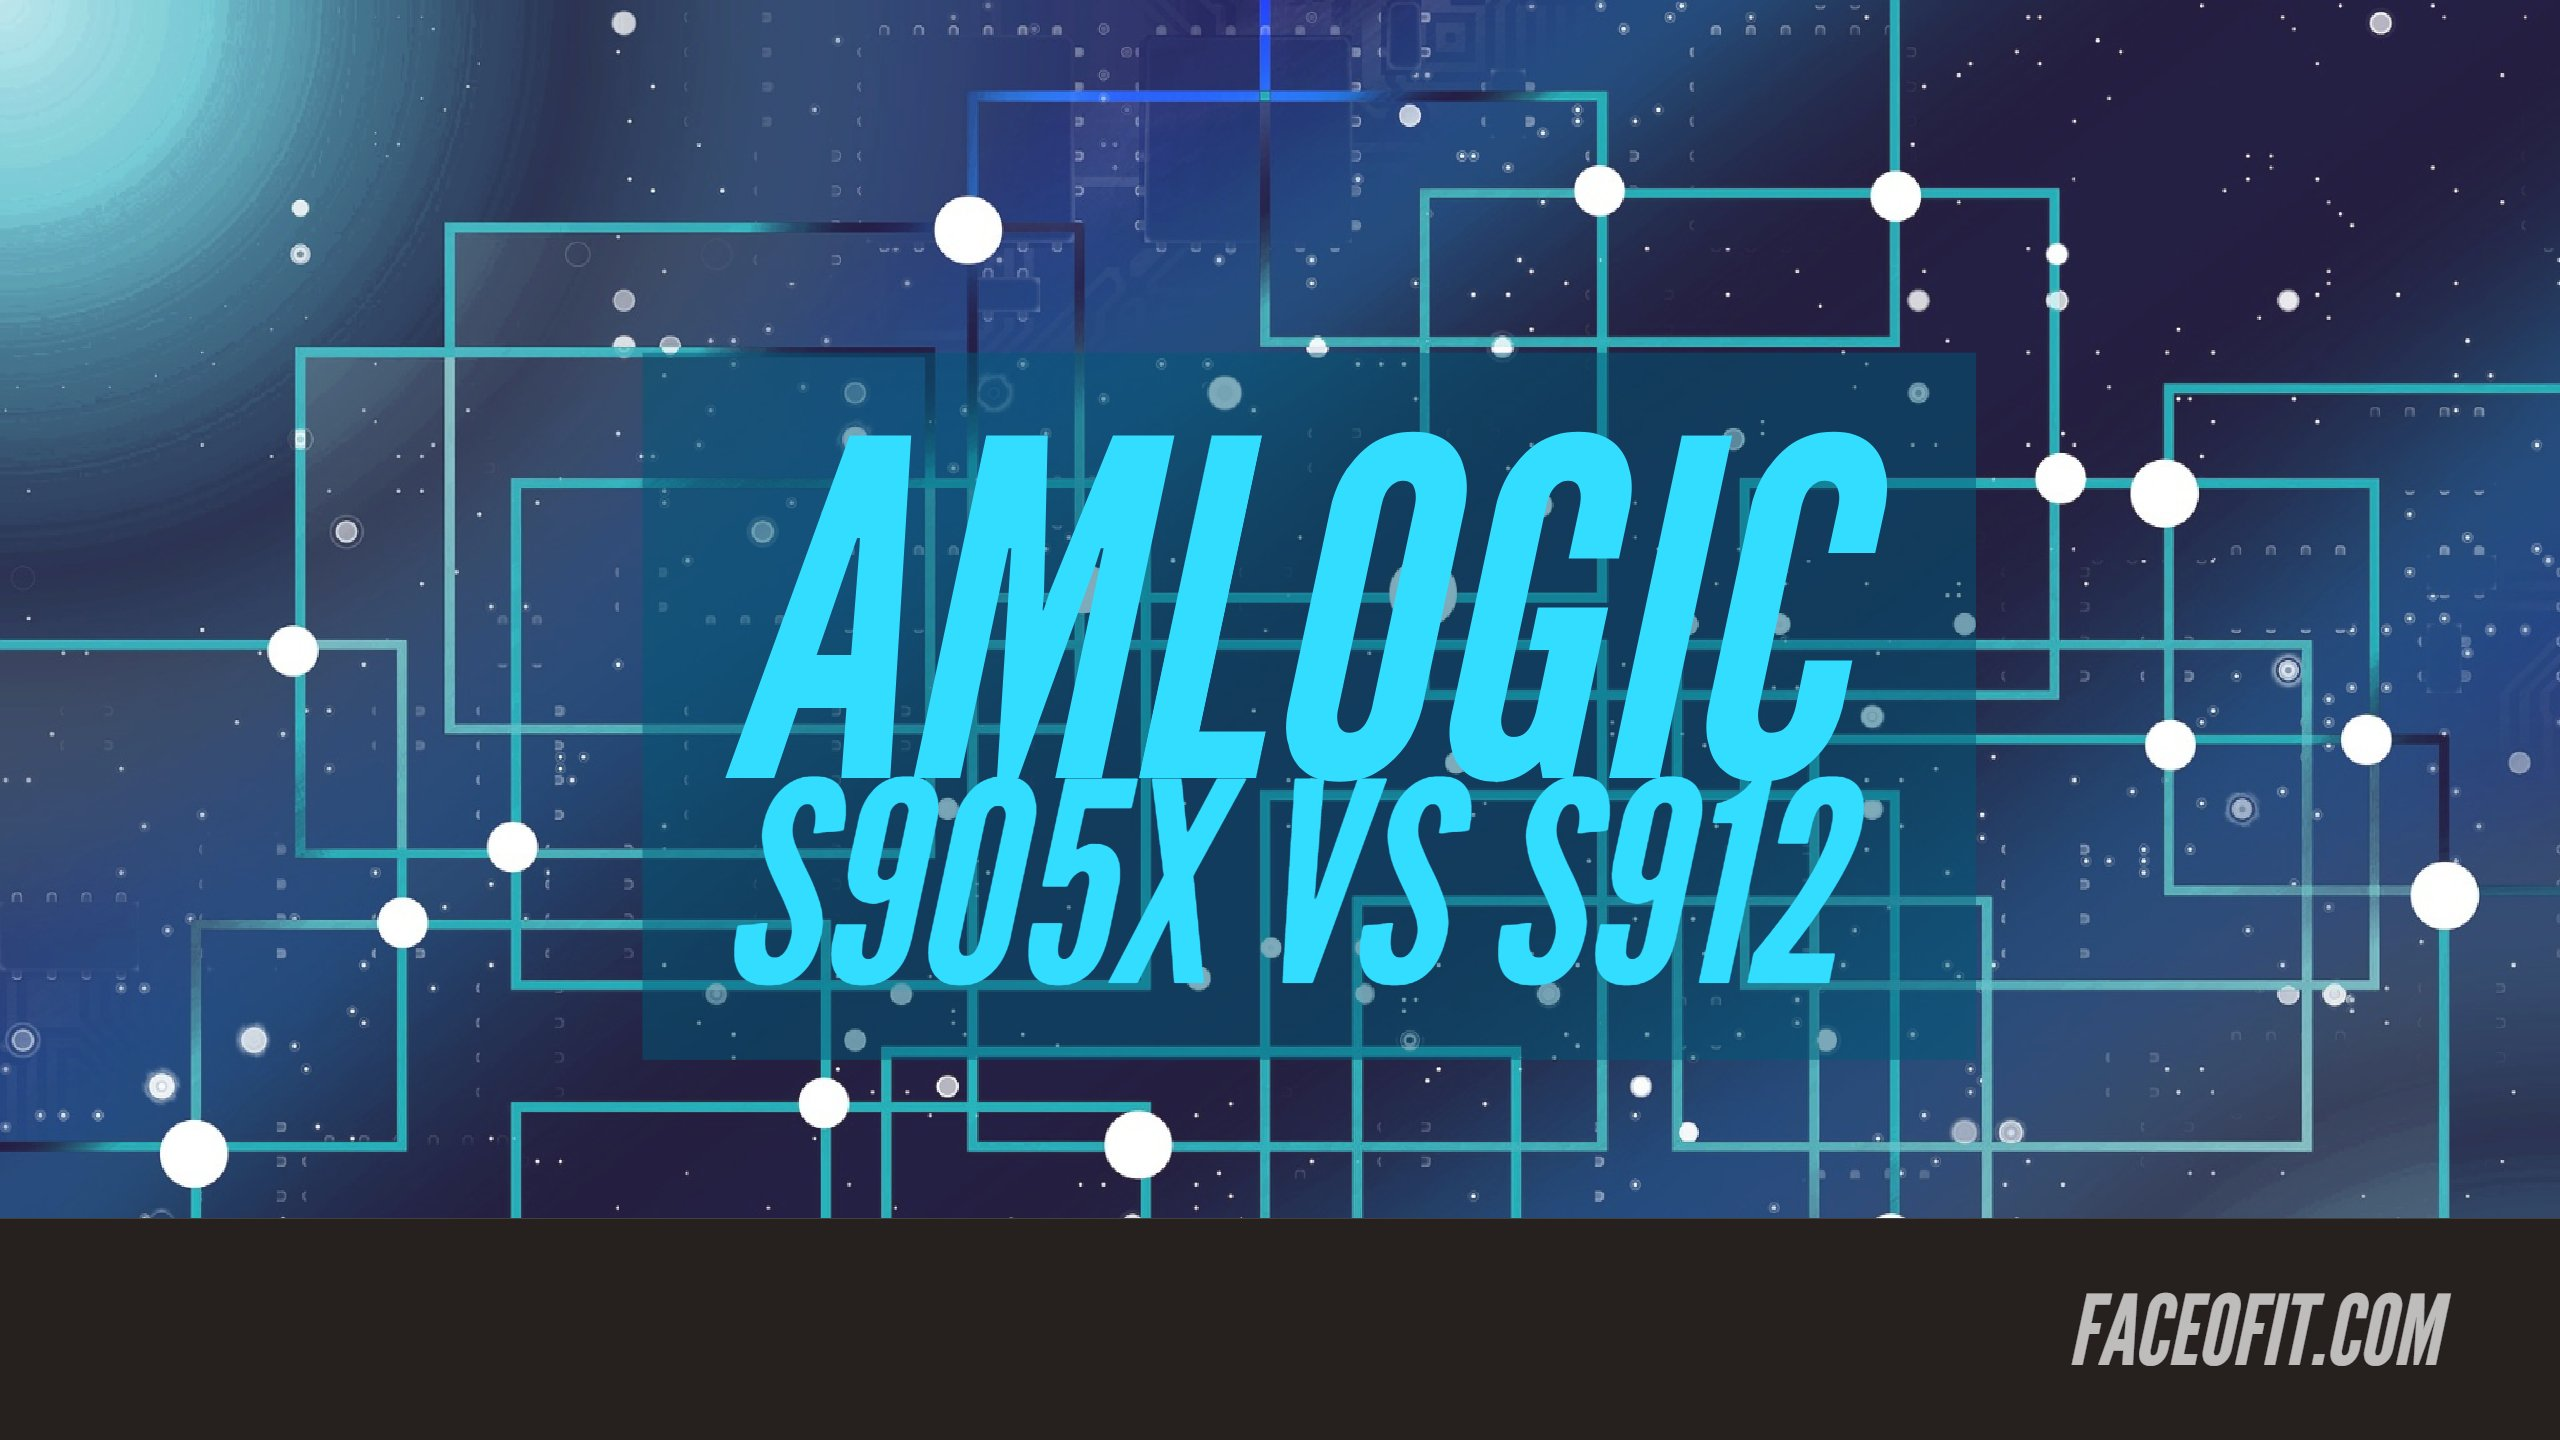 Amlogic S905x vs S912